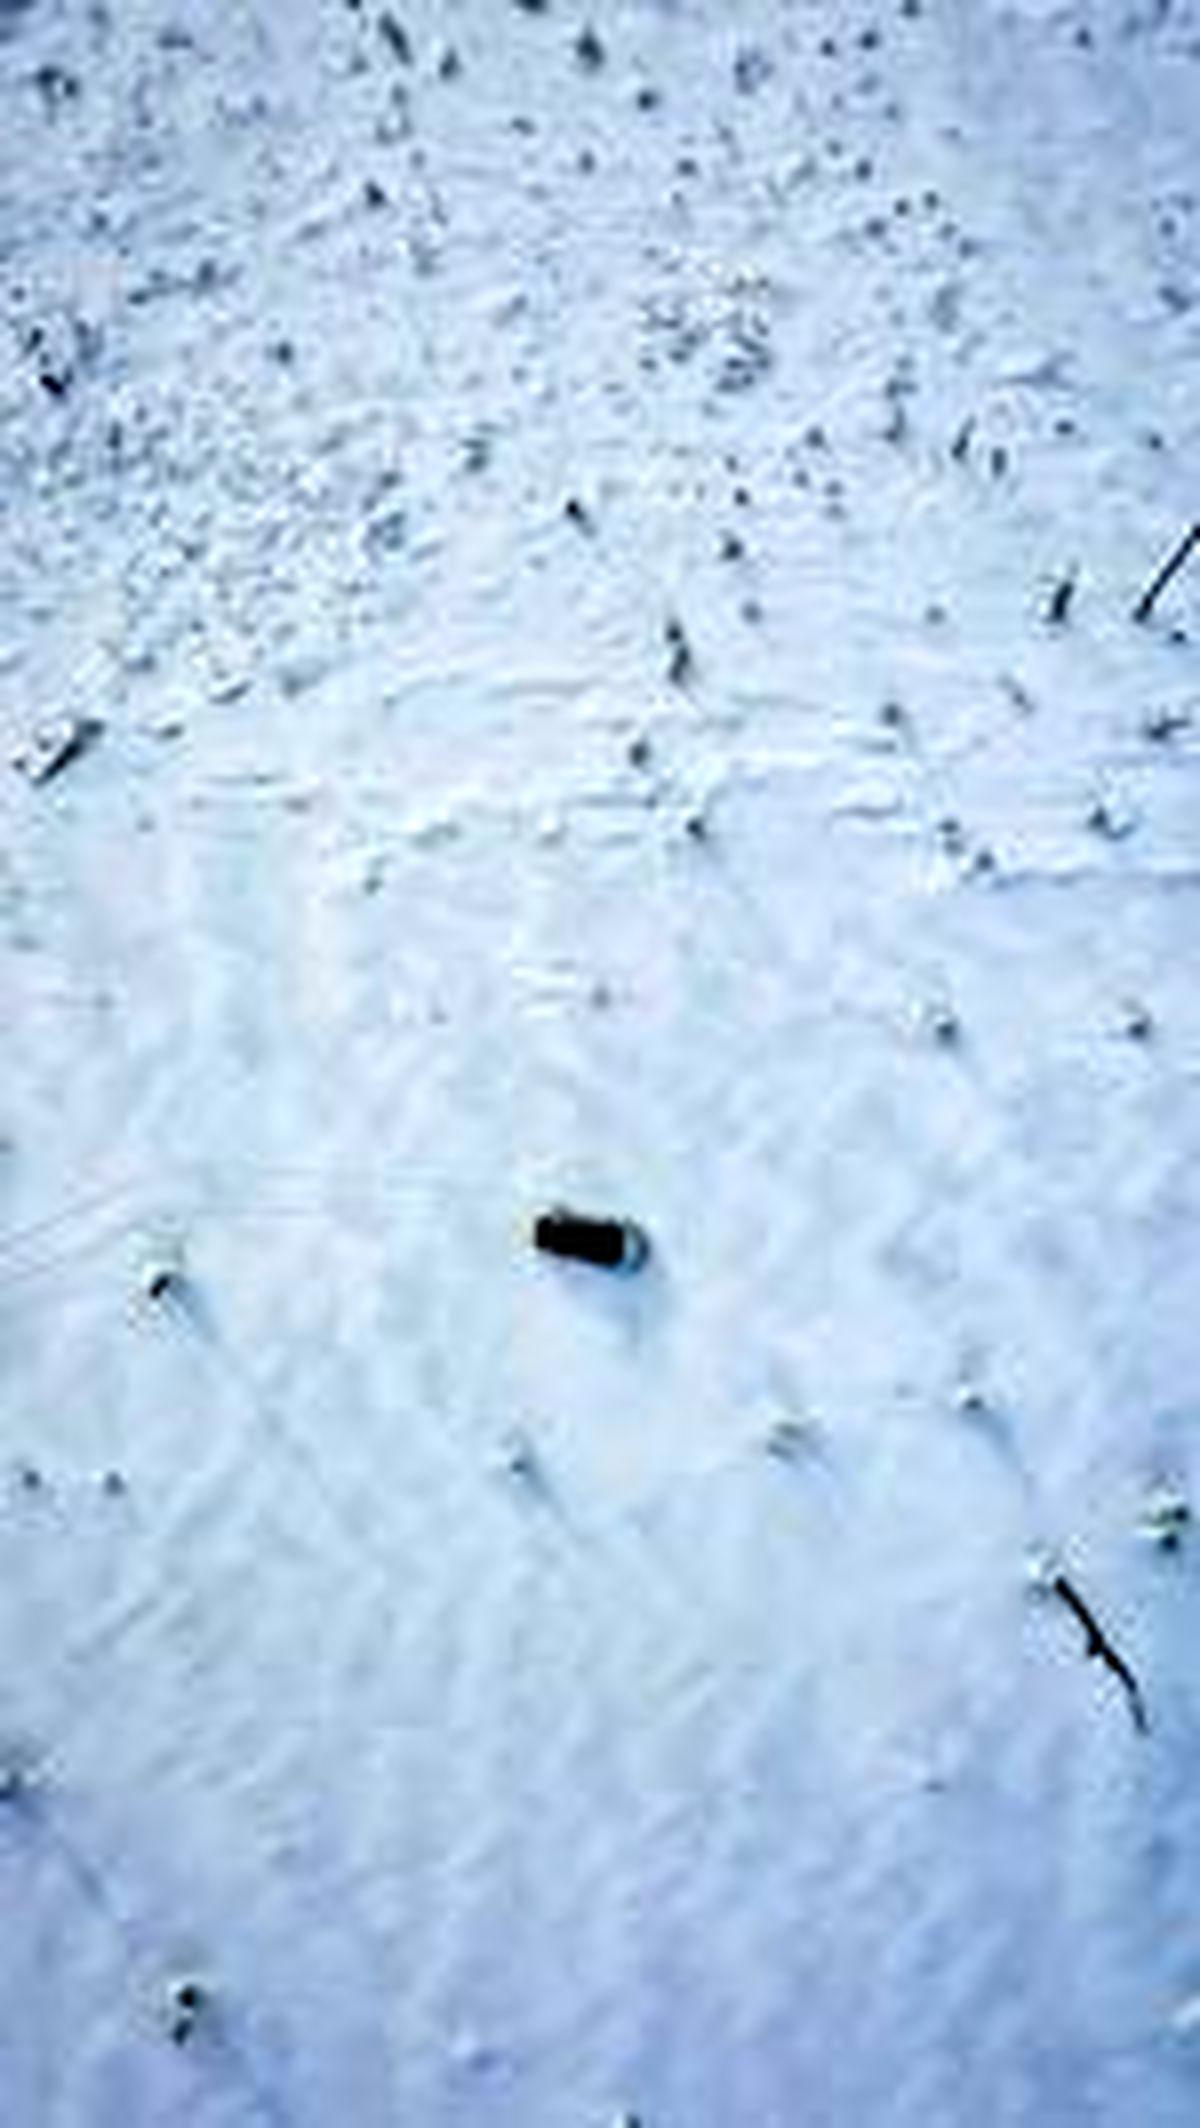 قارچهای سفیدپوش و یخی در دالنی واستوک روسیه